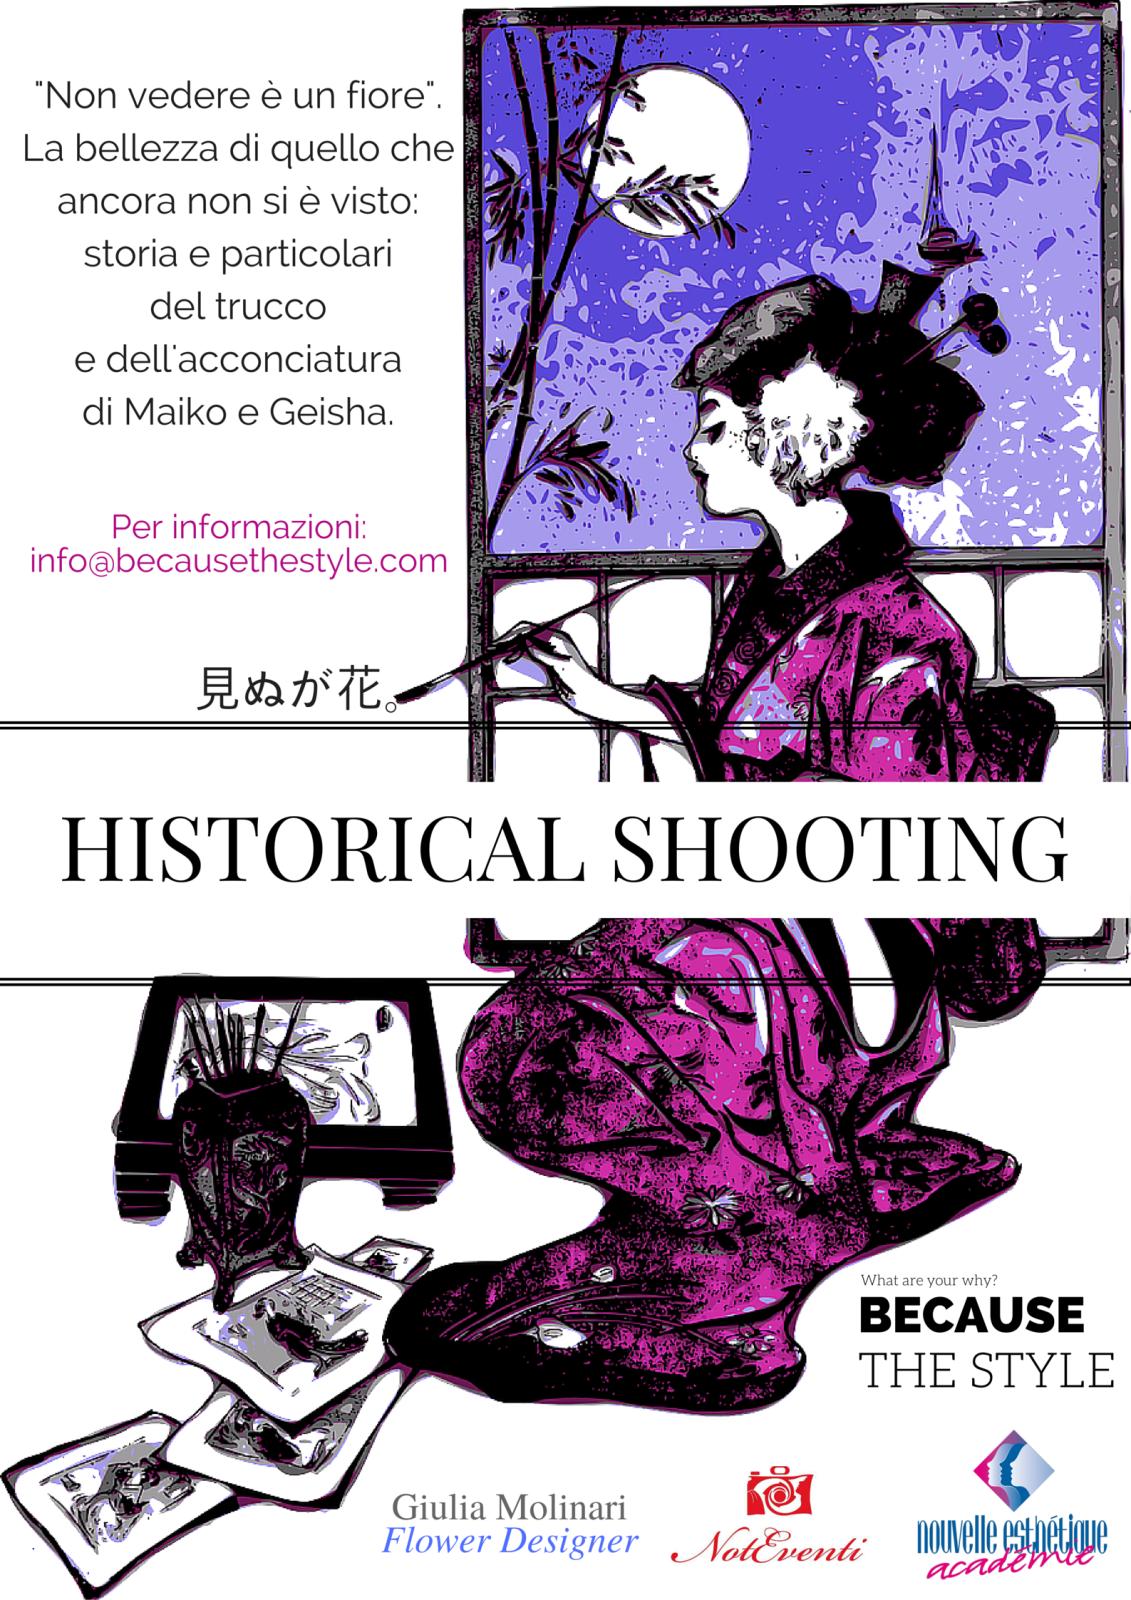 Geisha Historical Shooting - MakeUp & Hairstyle Nouvelle Esthetique Academie; photo Michele Carnimeo Fotografo - Copyright Nouvelle EstHètique Académie All Rights Reserved